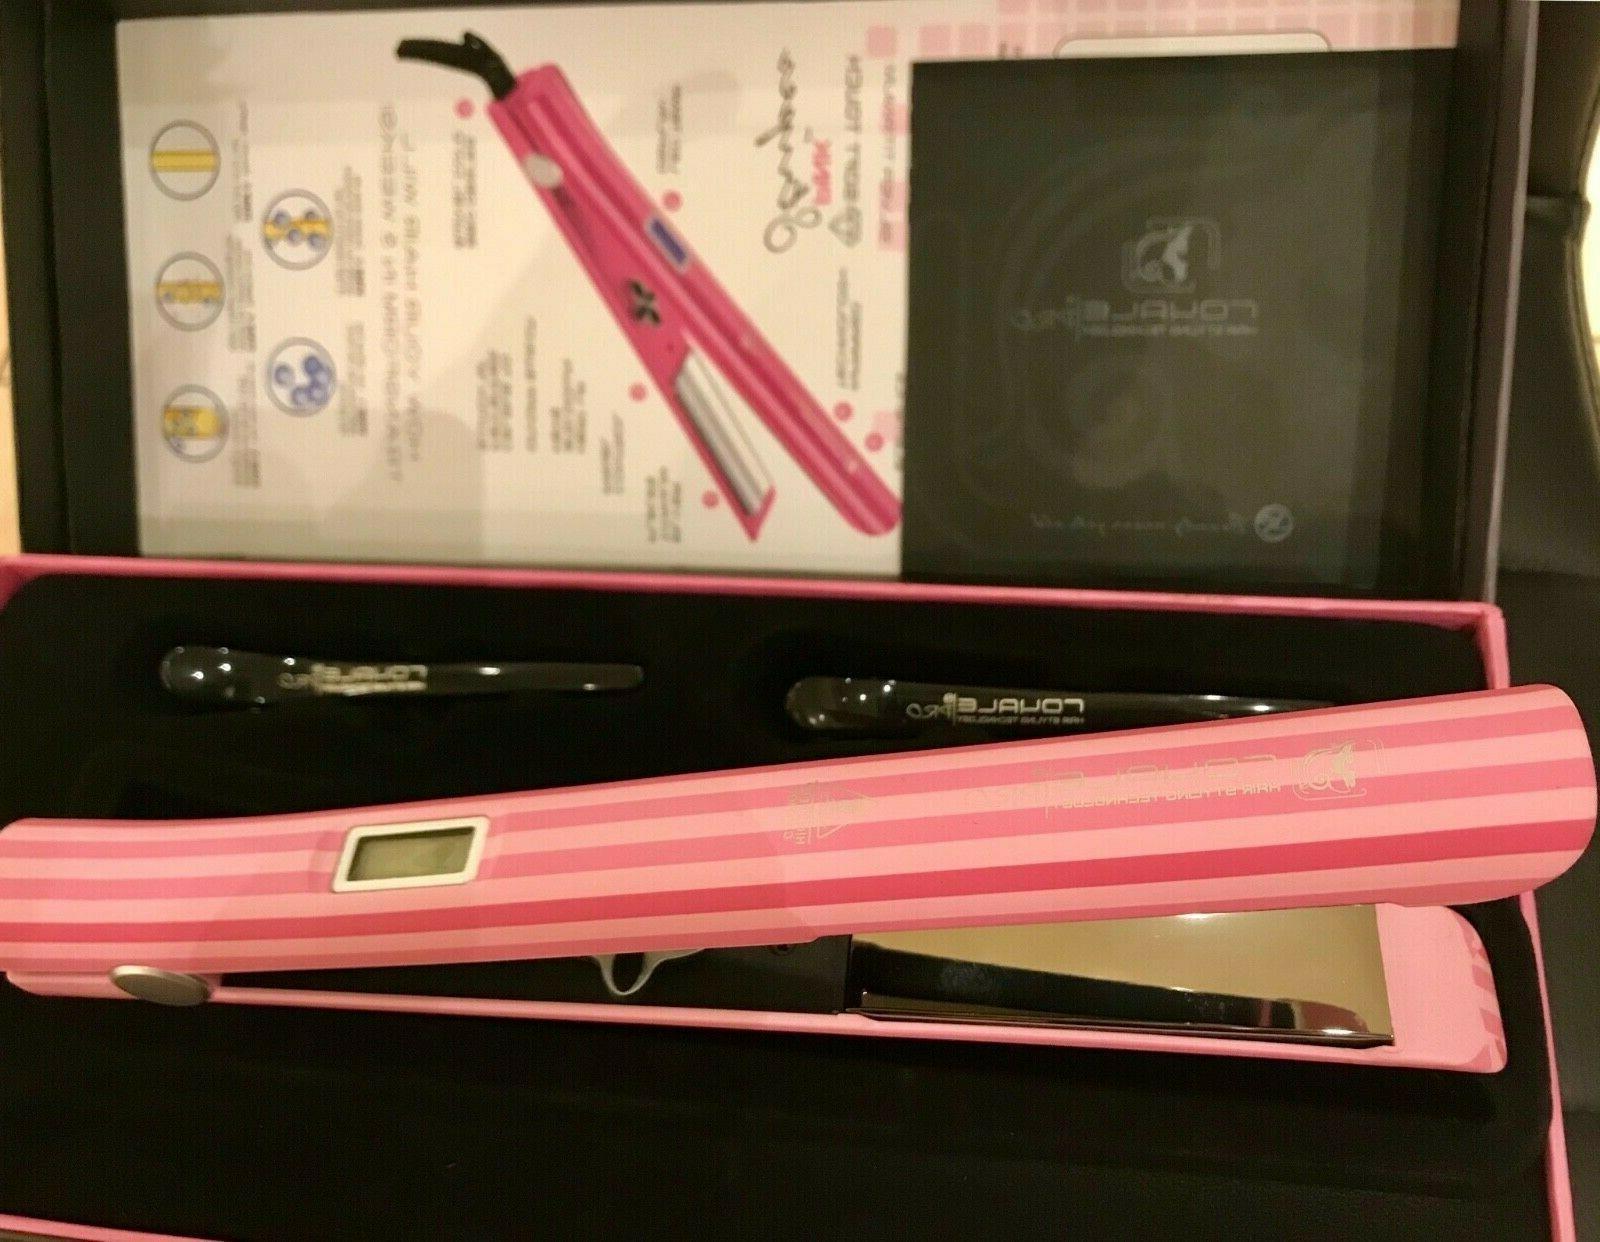 smart digital pink stripes titanium flat iron